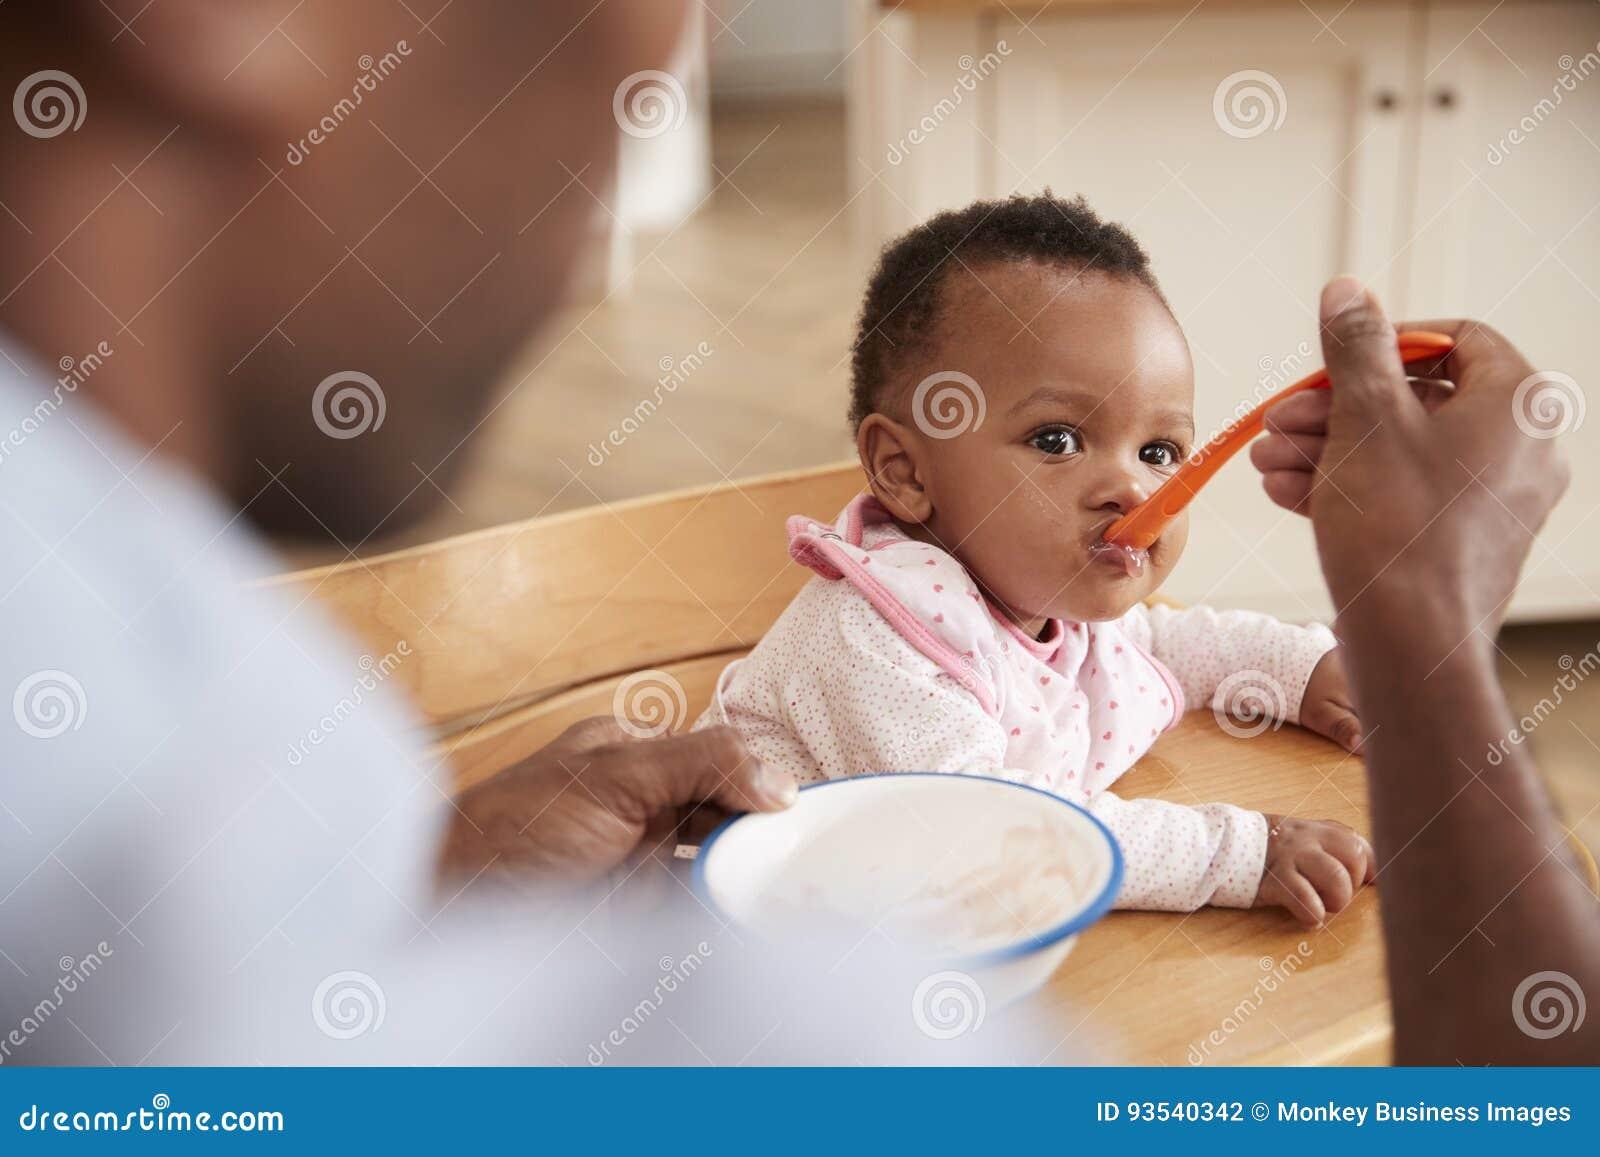 Père Feeding Baby Daughter dans la chaise d arbitre